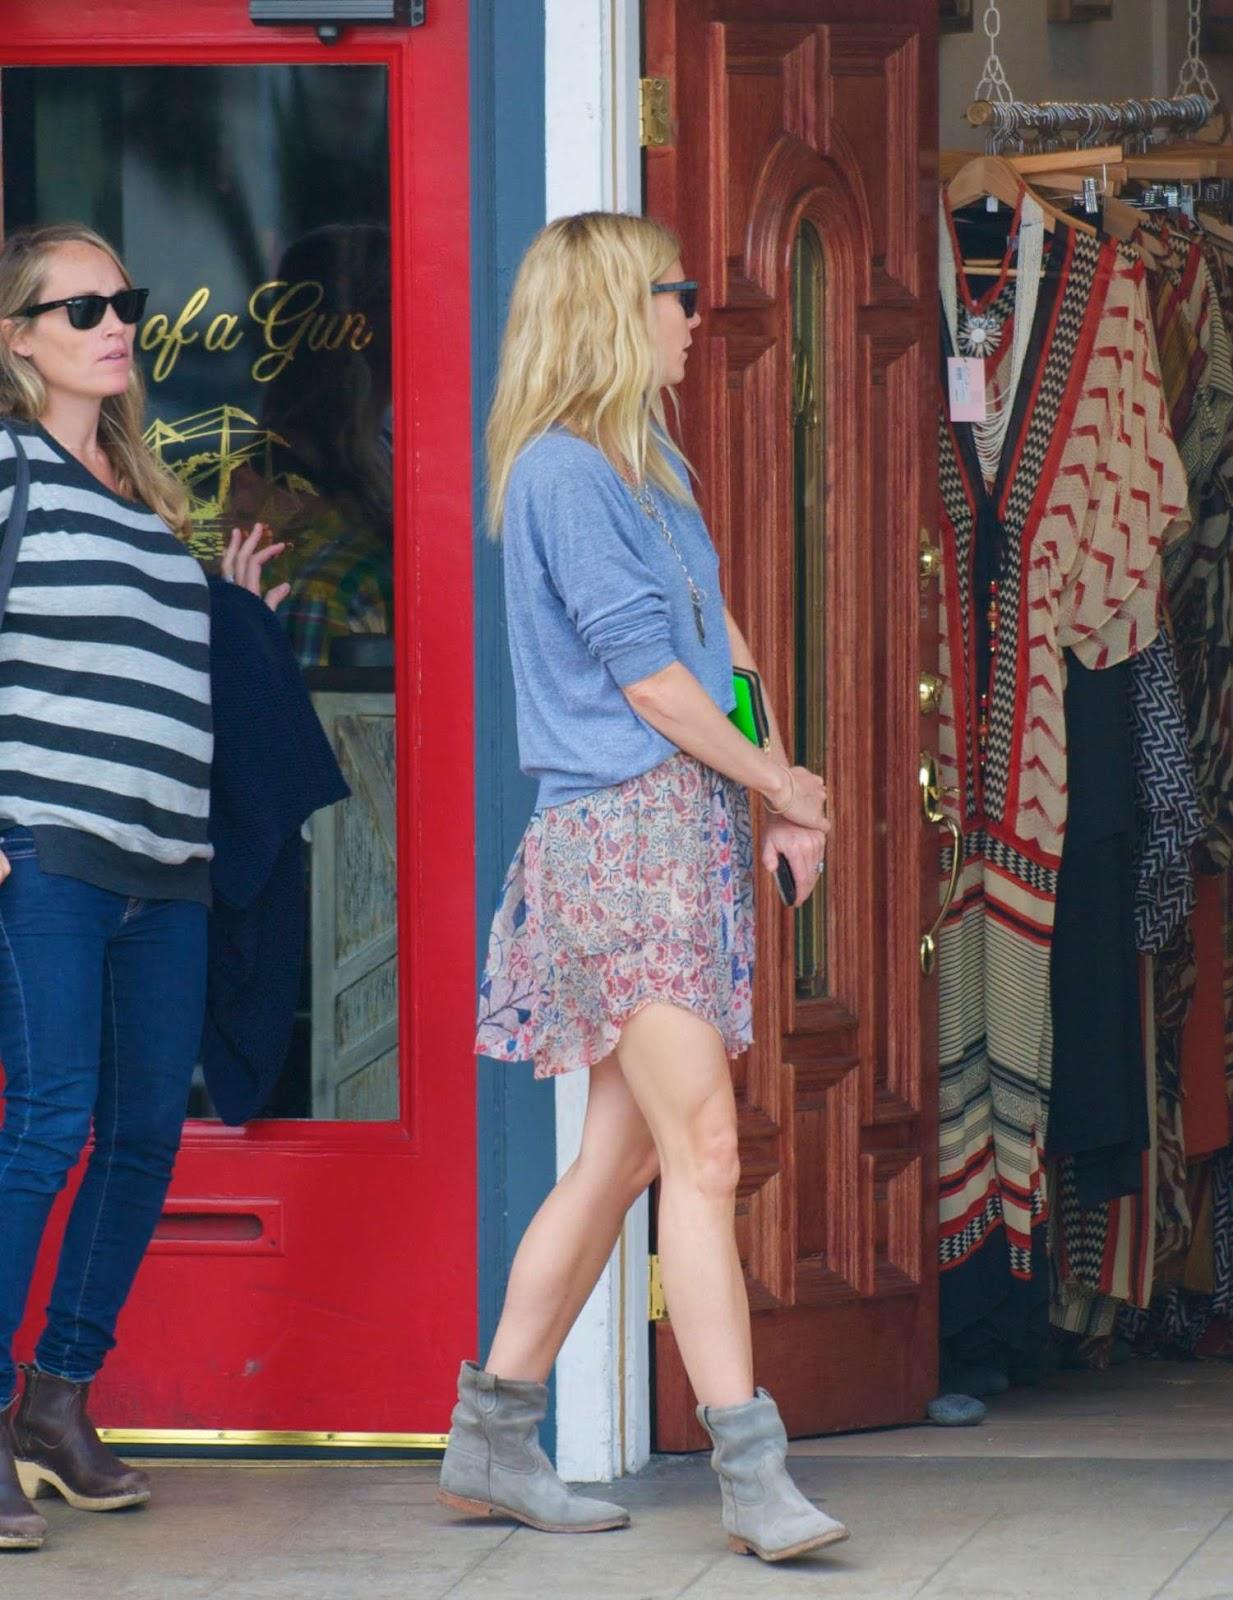 http://4.bp.blogspot.com/-pwpovUpXmrc/T6jr9gV5zWI/AAAAAAAAEfk/bpxYegwo5Z4/s1600/Gwyneth+Paltrow-Beverly-Hills-2012-02.jpg